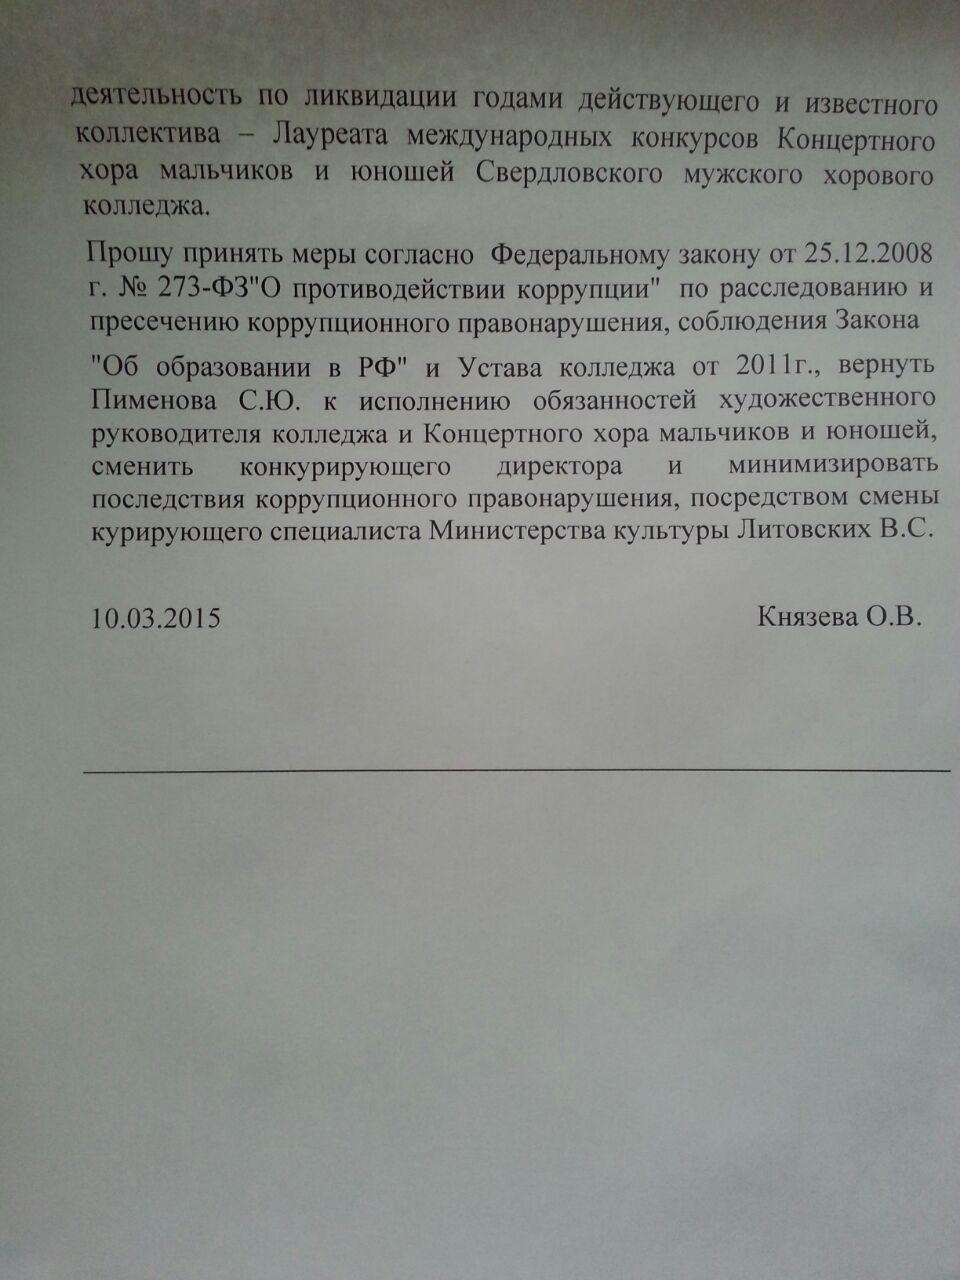 В Екатеринбурге разгорелся очередной музыкальный скандал